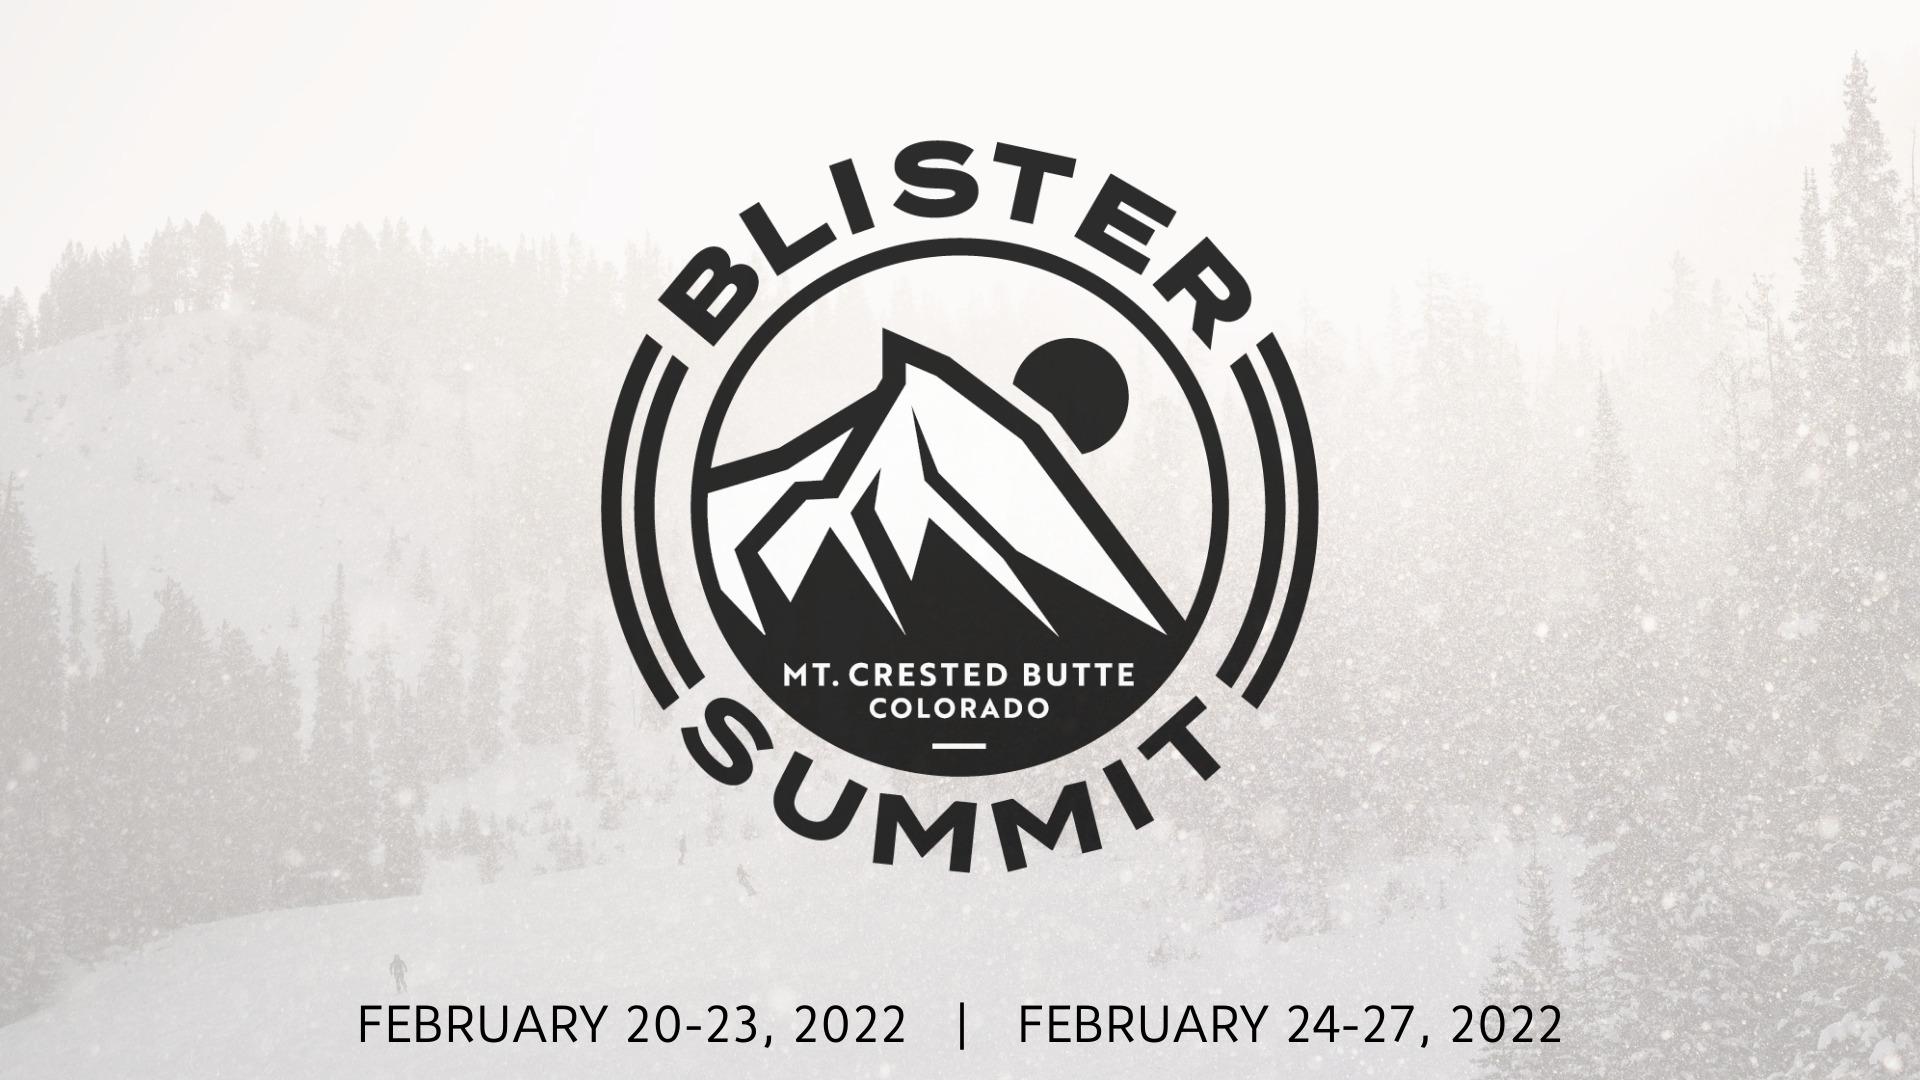 Blister Summit 2022